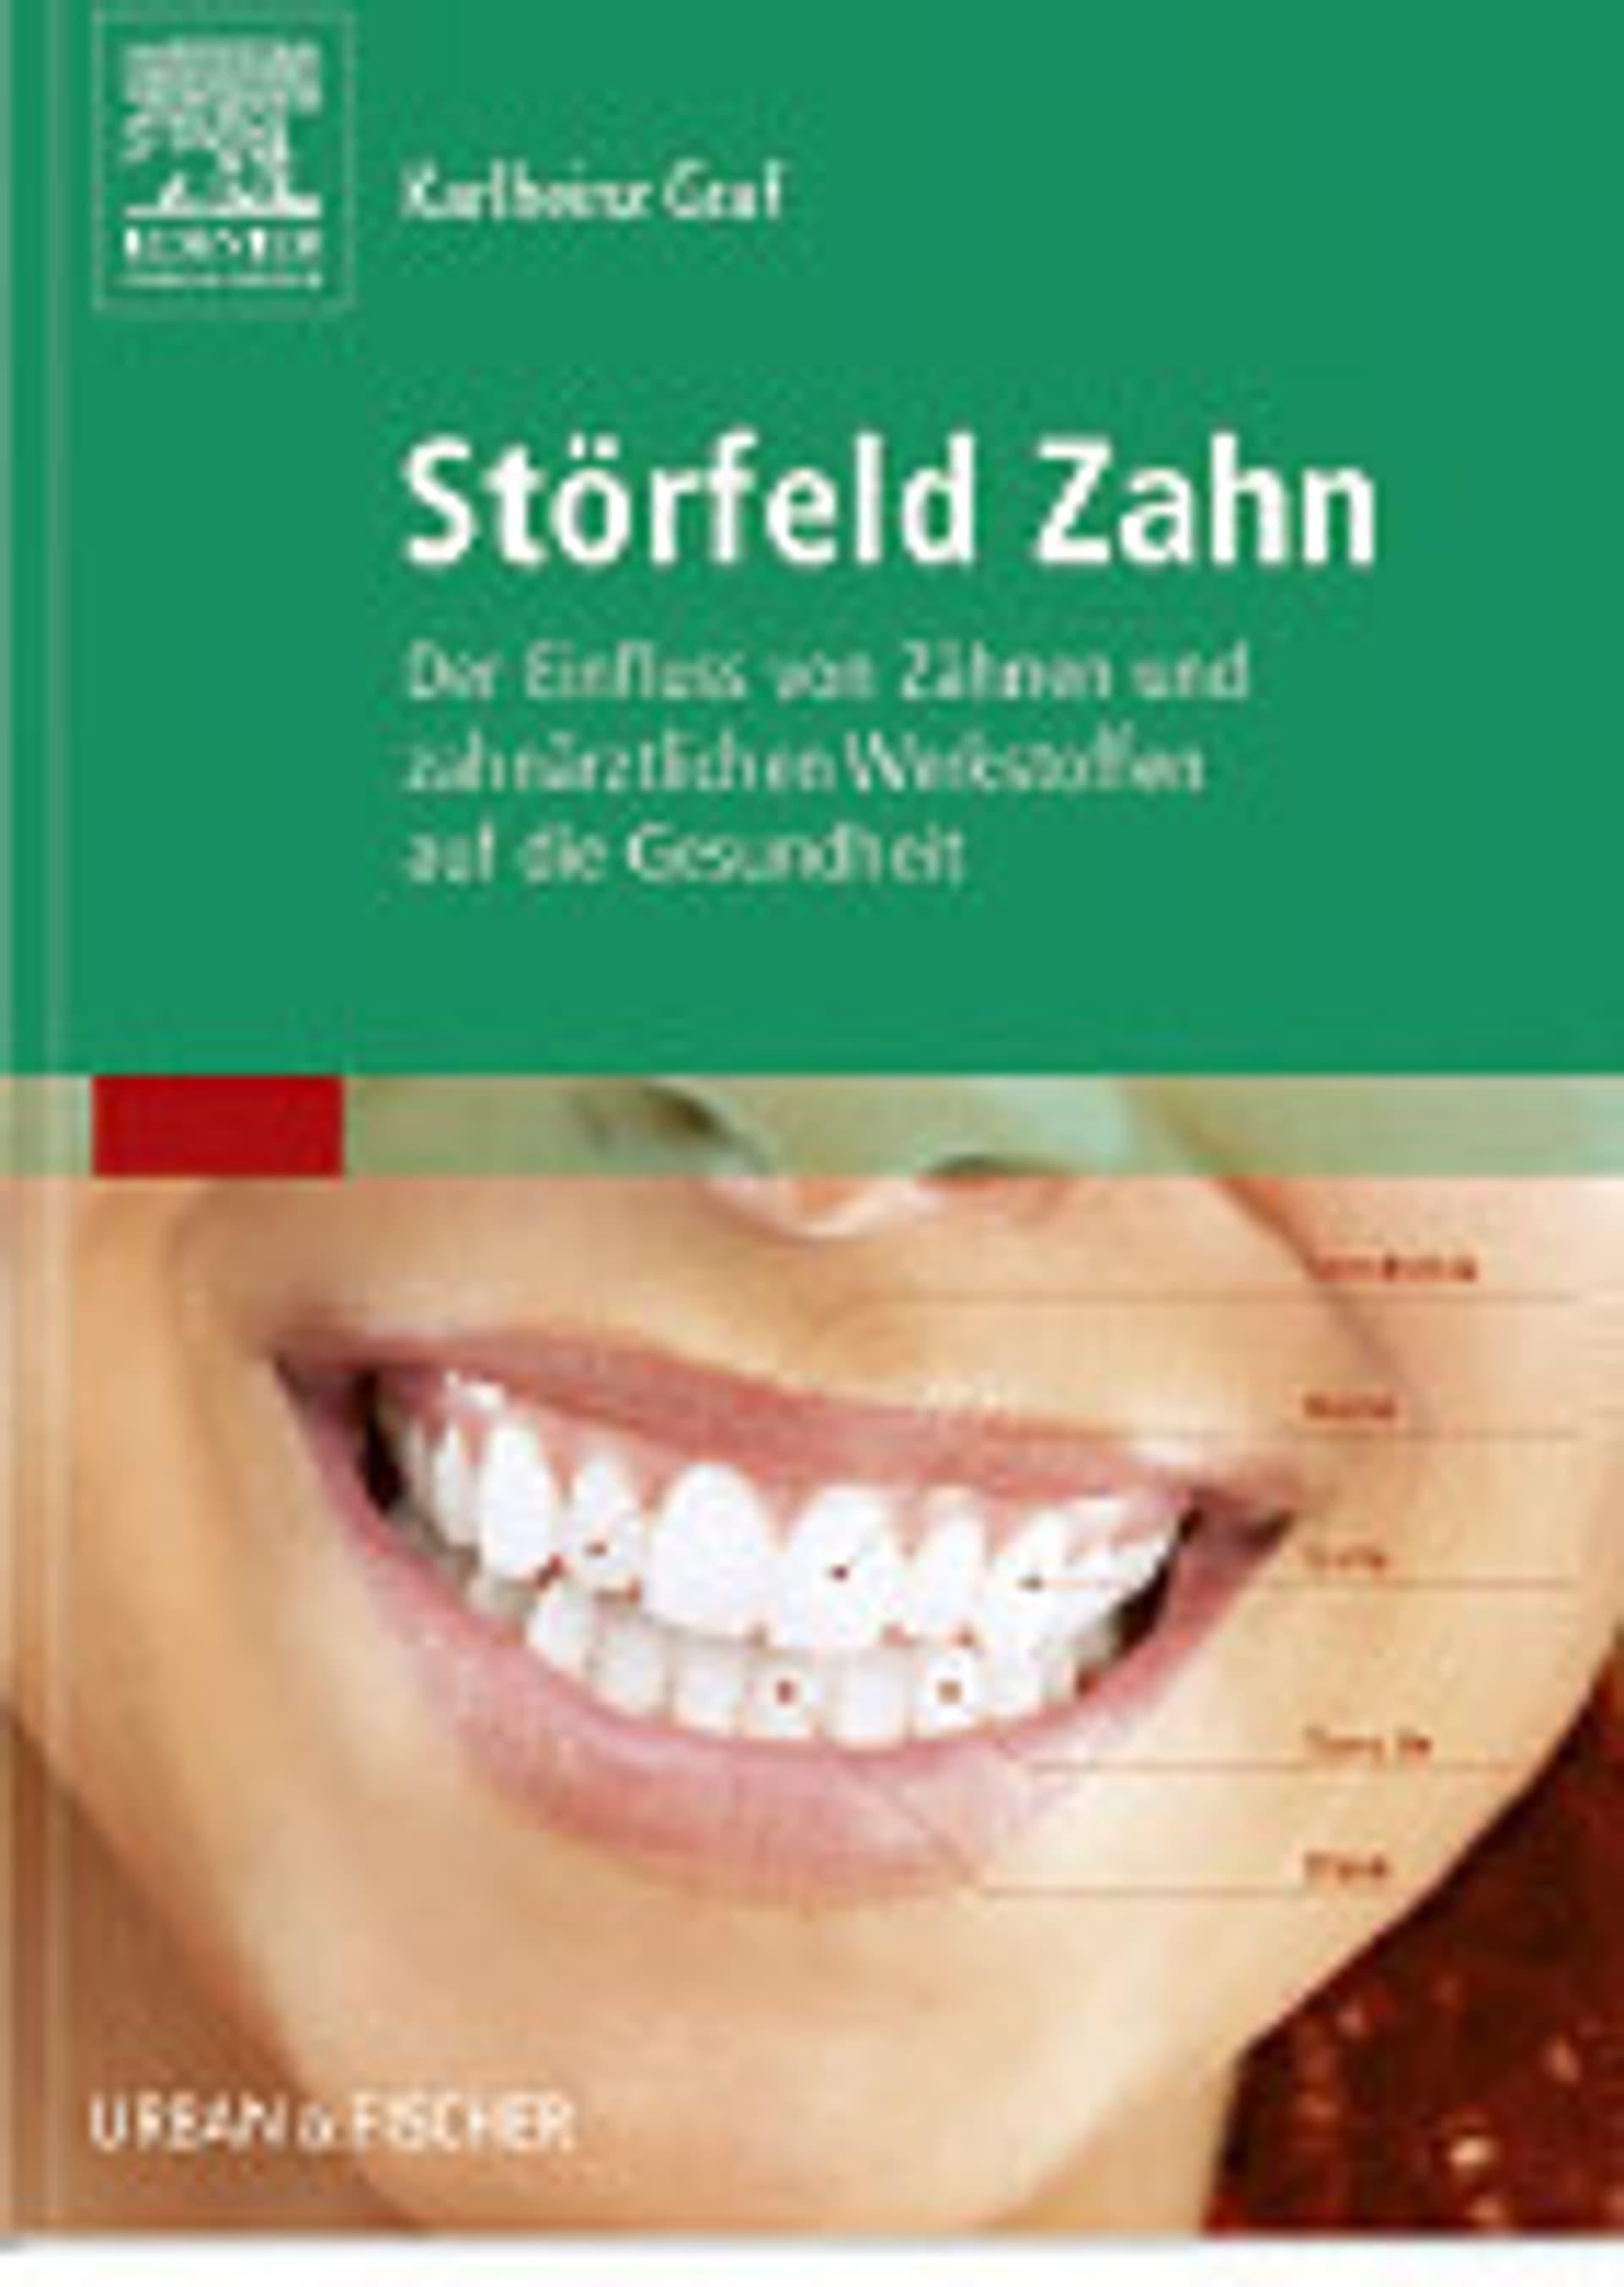 Stoerfeld zahn